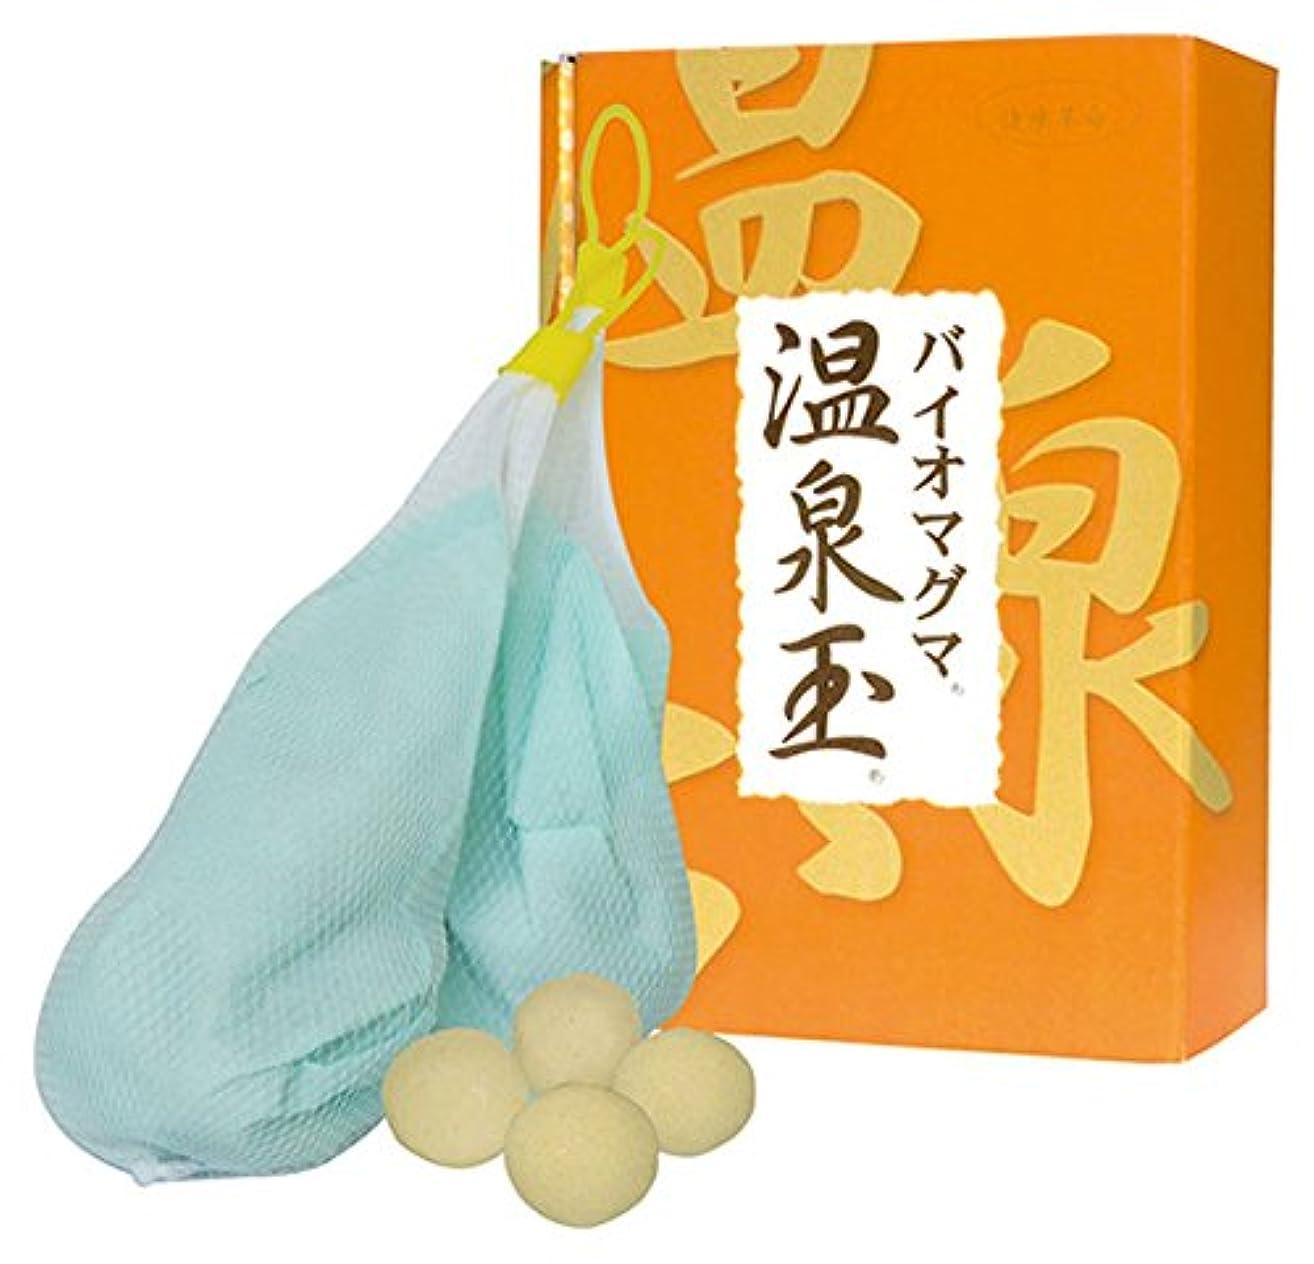 結婚式光沢キラウエア山ゴールド興産 バイオマグマ温泉玉(10玉×2袋) 000536